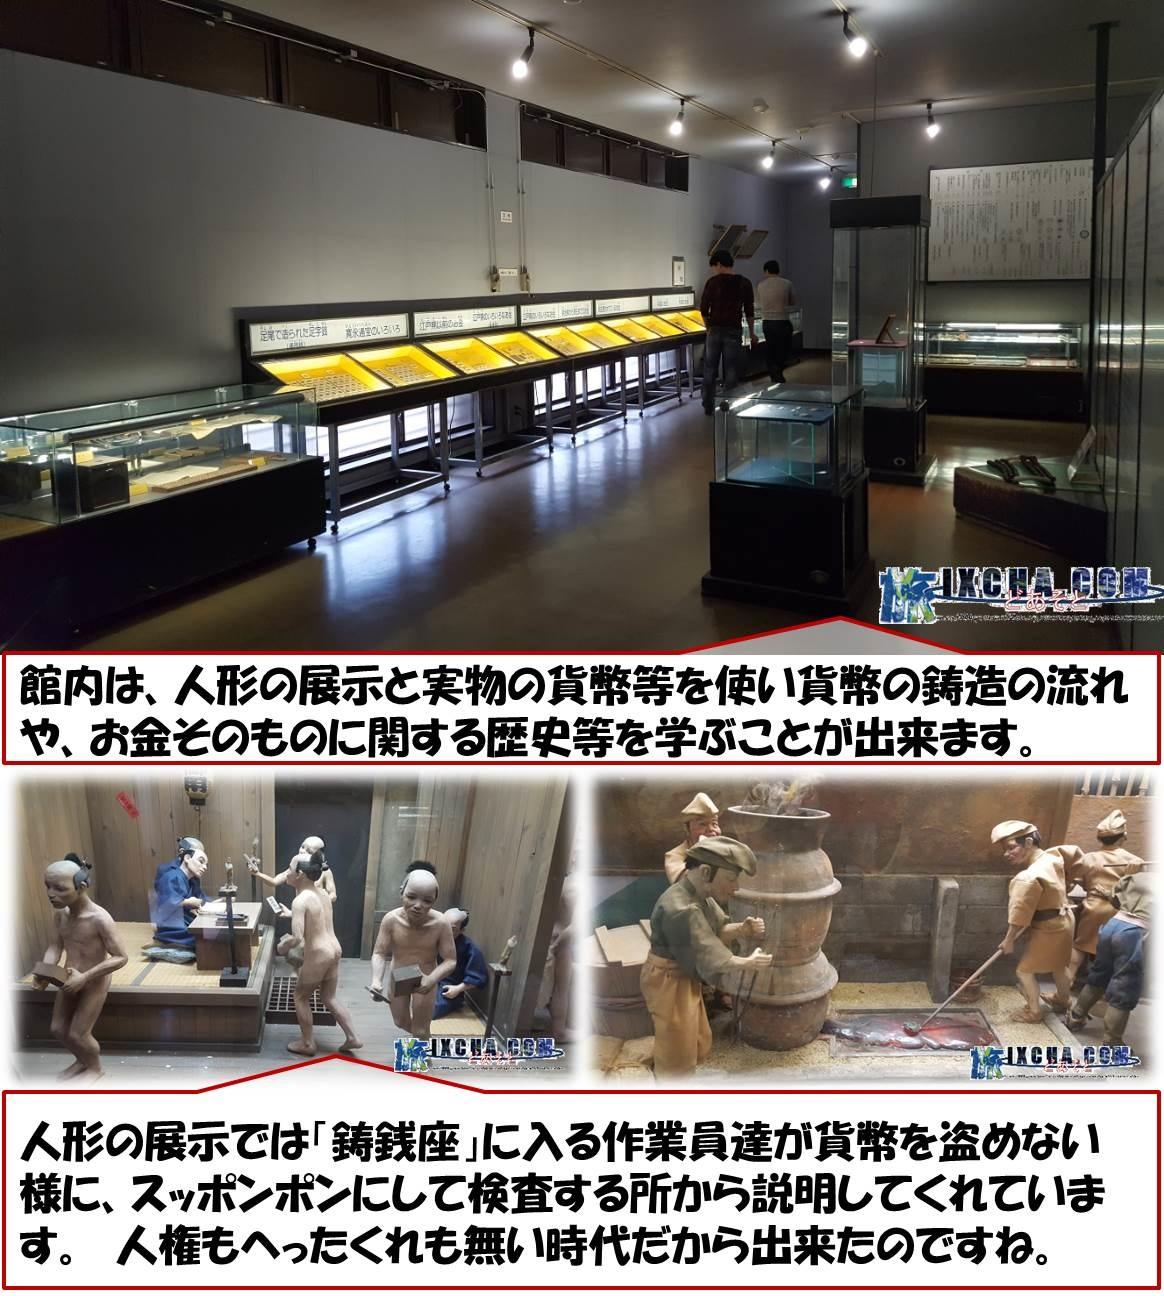 館内は、人形の展示と実物の貨幣等を使い貨幣の鋳造の流れや、お金そのものに関する歴史等を学ぶことが出来ます。 人形の展示では「鋳銭座」に入る作業員達が貨幣を盗めない様に、スッポンポンにして検査する所から説明してくれています。 人権もへったくれも無い時代だから出来たのですね。